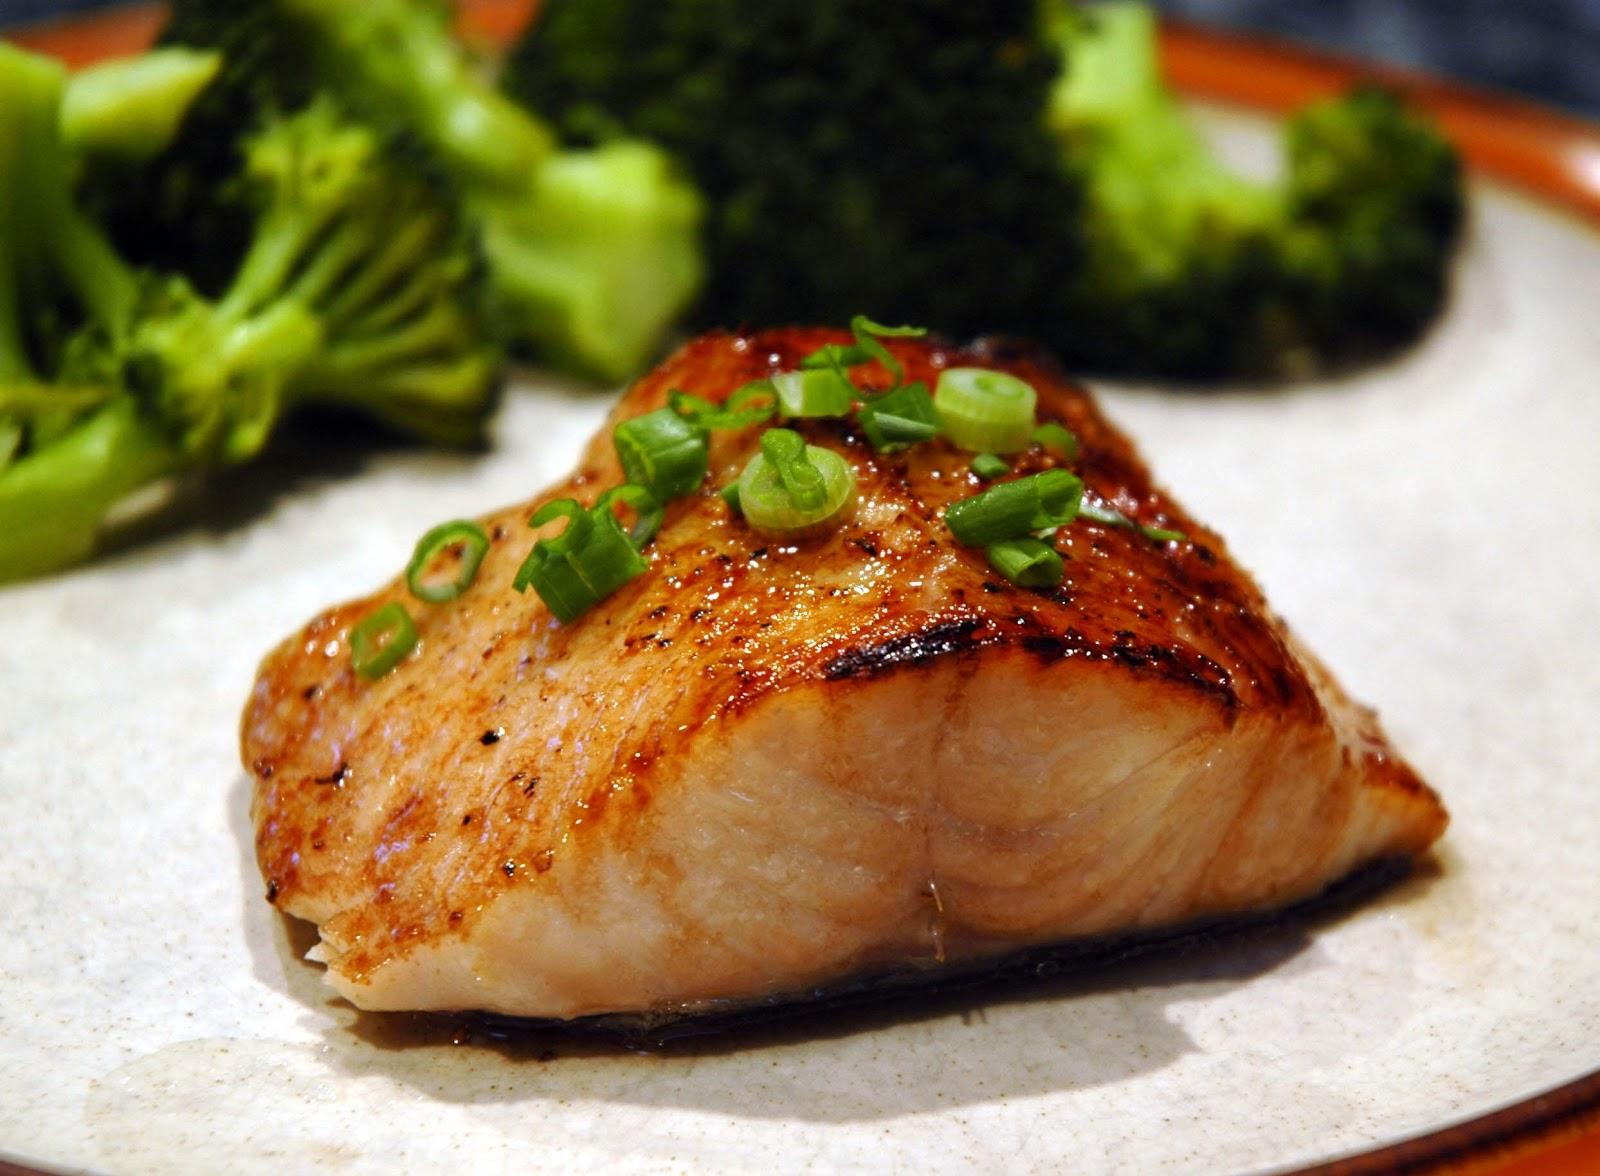 Cá ngừ rất giàu omega-3 có lợi cho sức khỏe